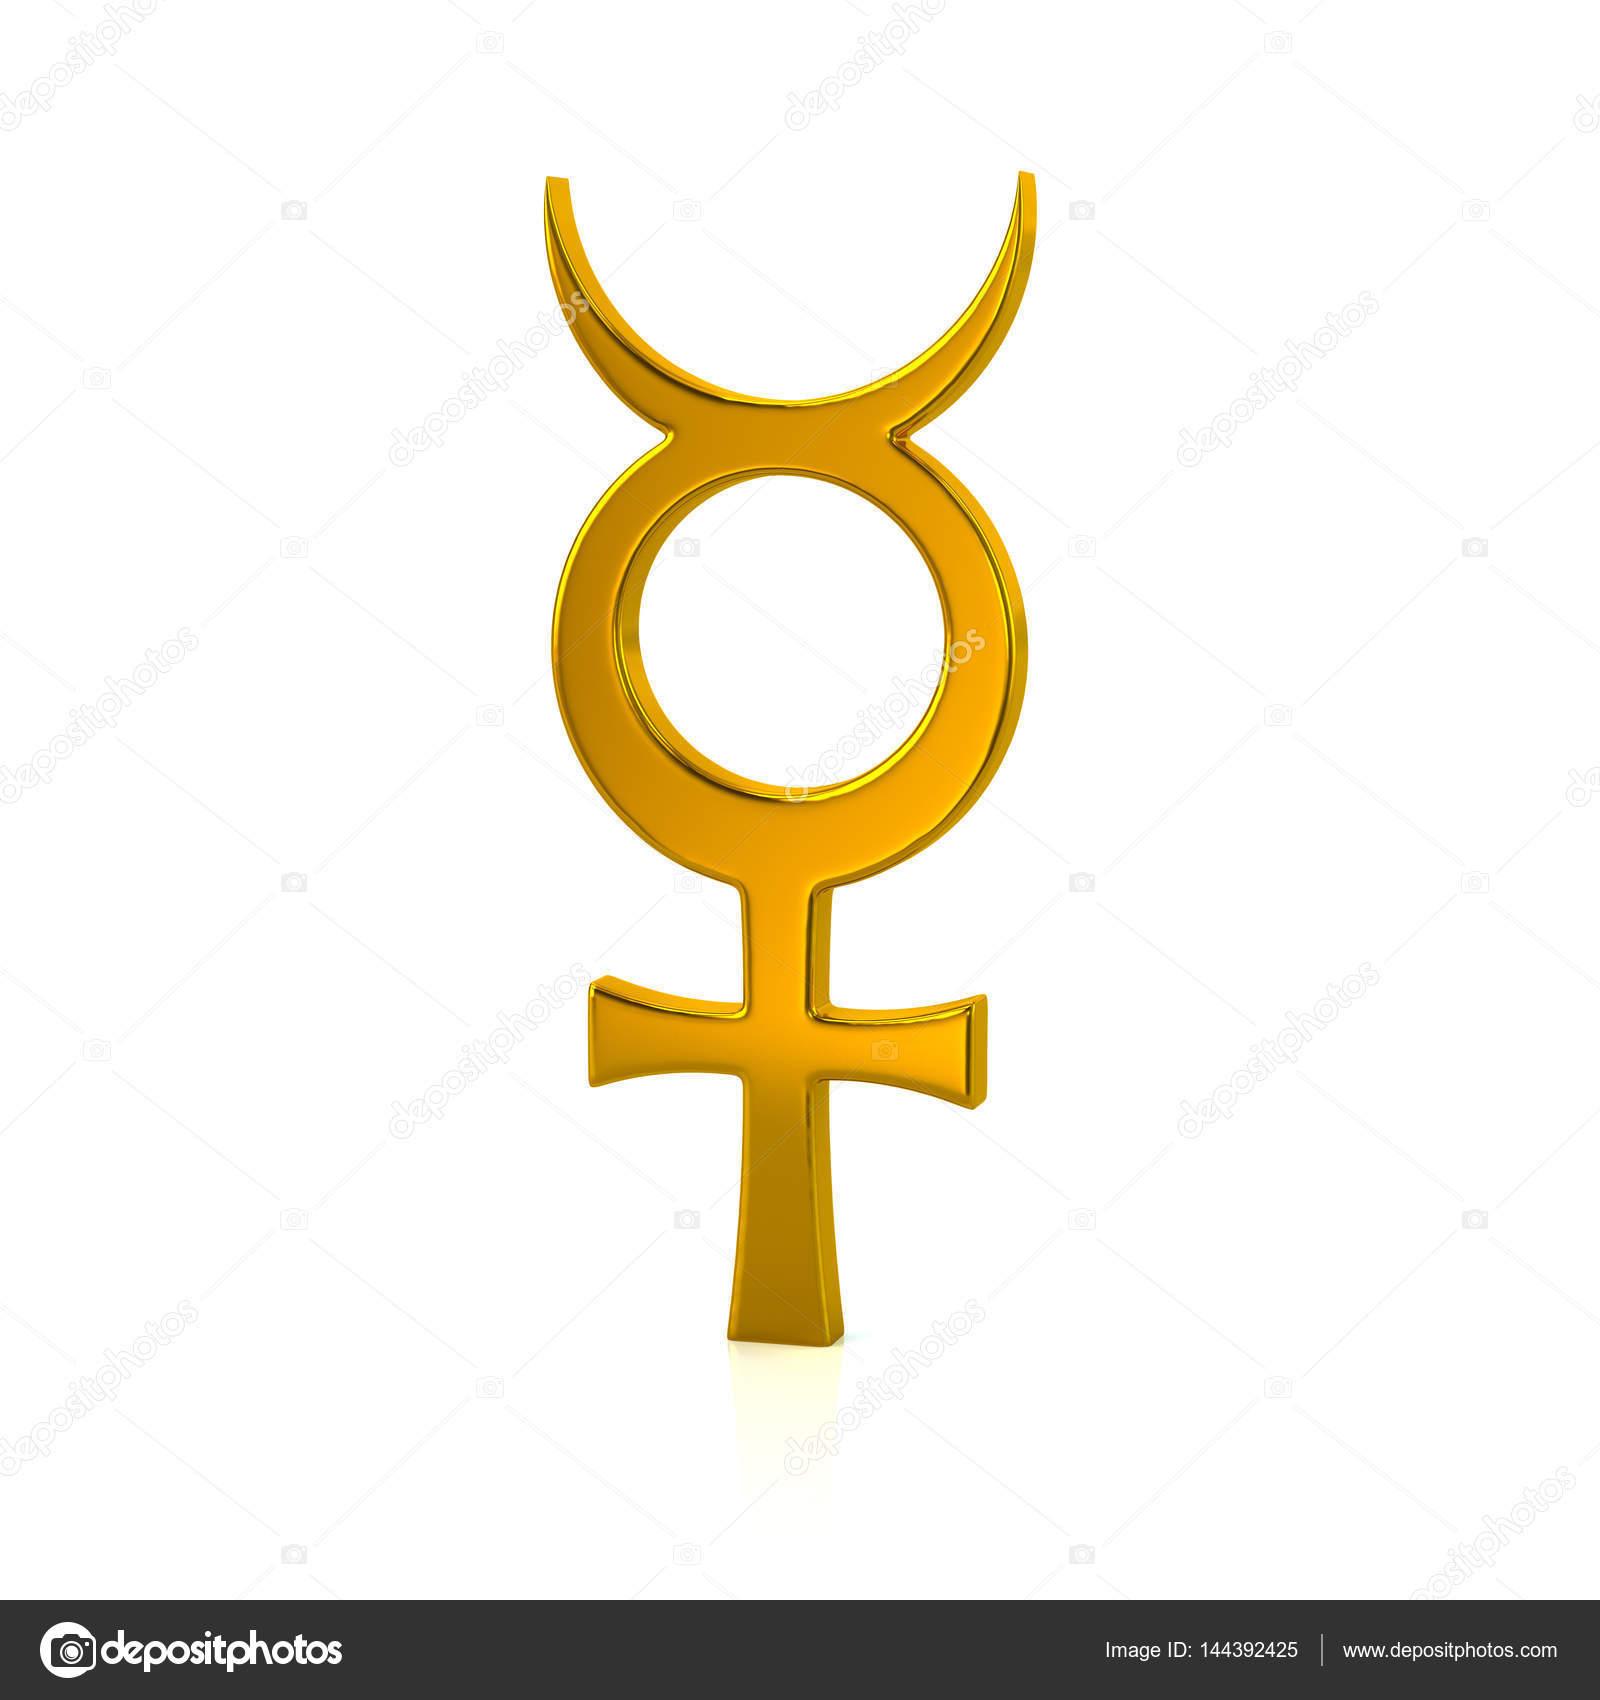 Golden mercury symbol stock photo valdum 144392425 3d illustration of golden mercury symbol isolated on white background photo by valdum buycottarizona Choice Image